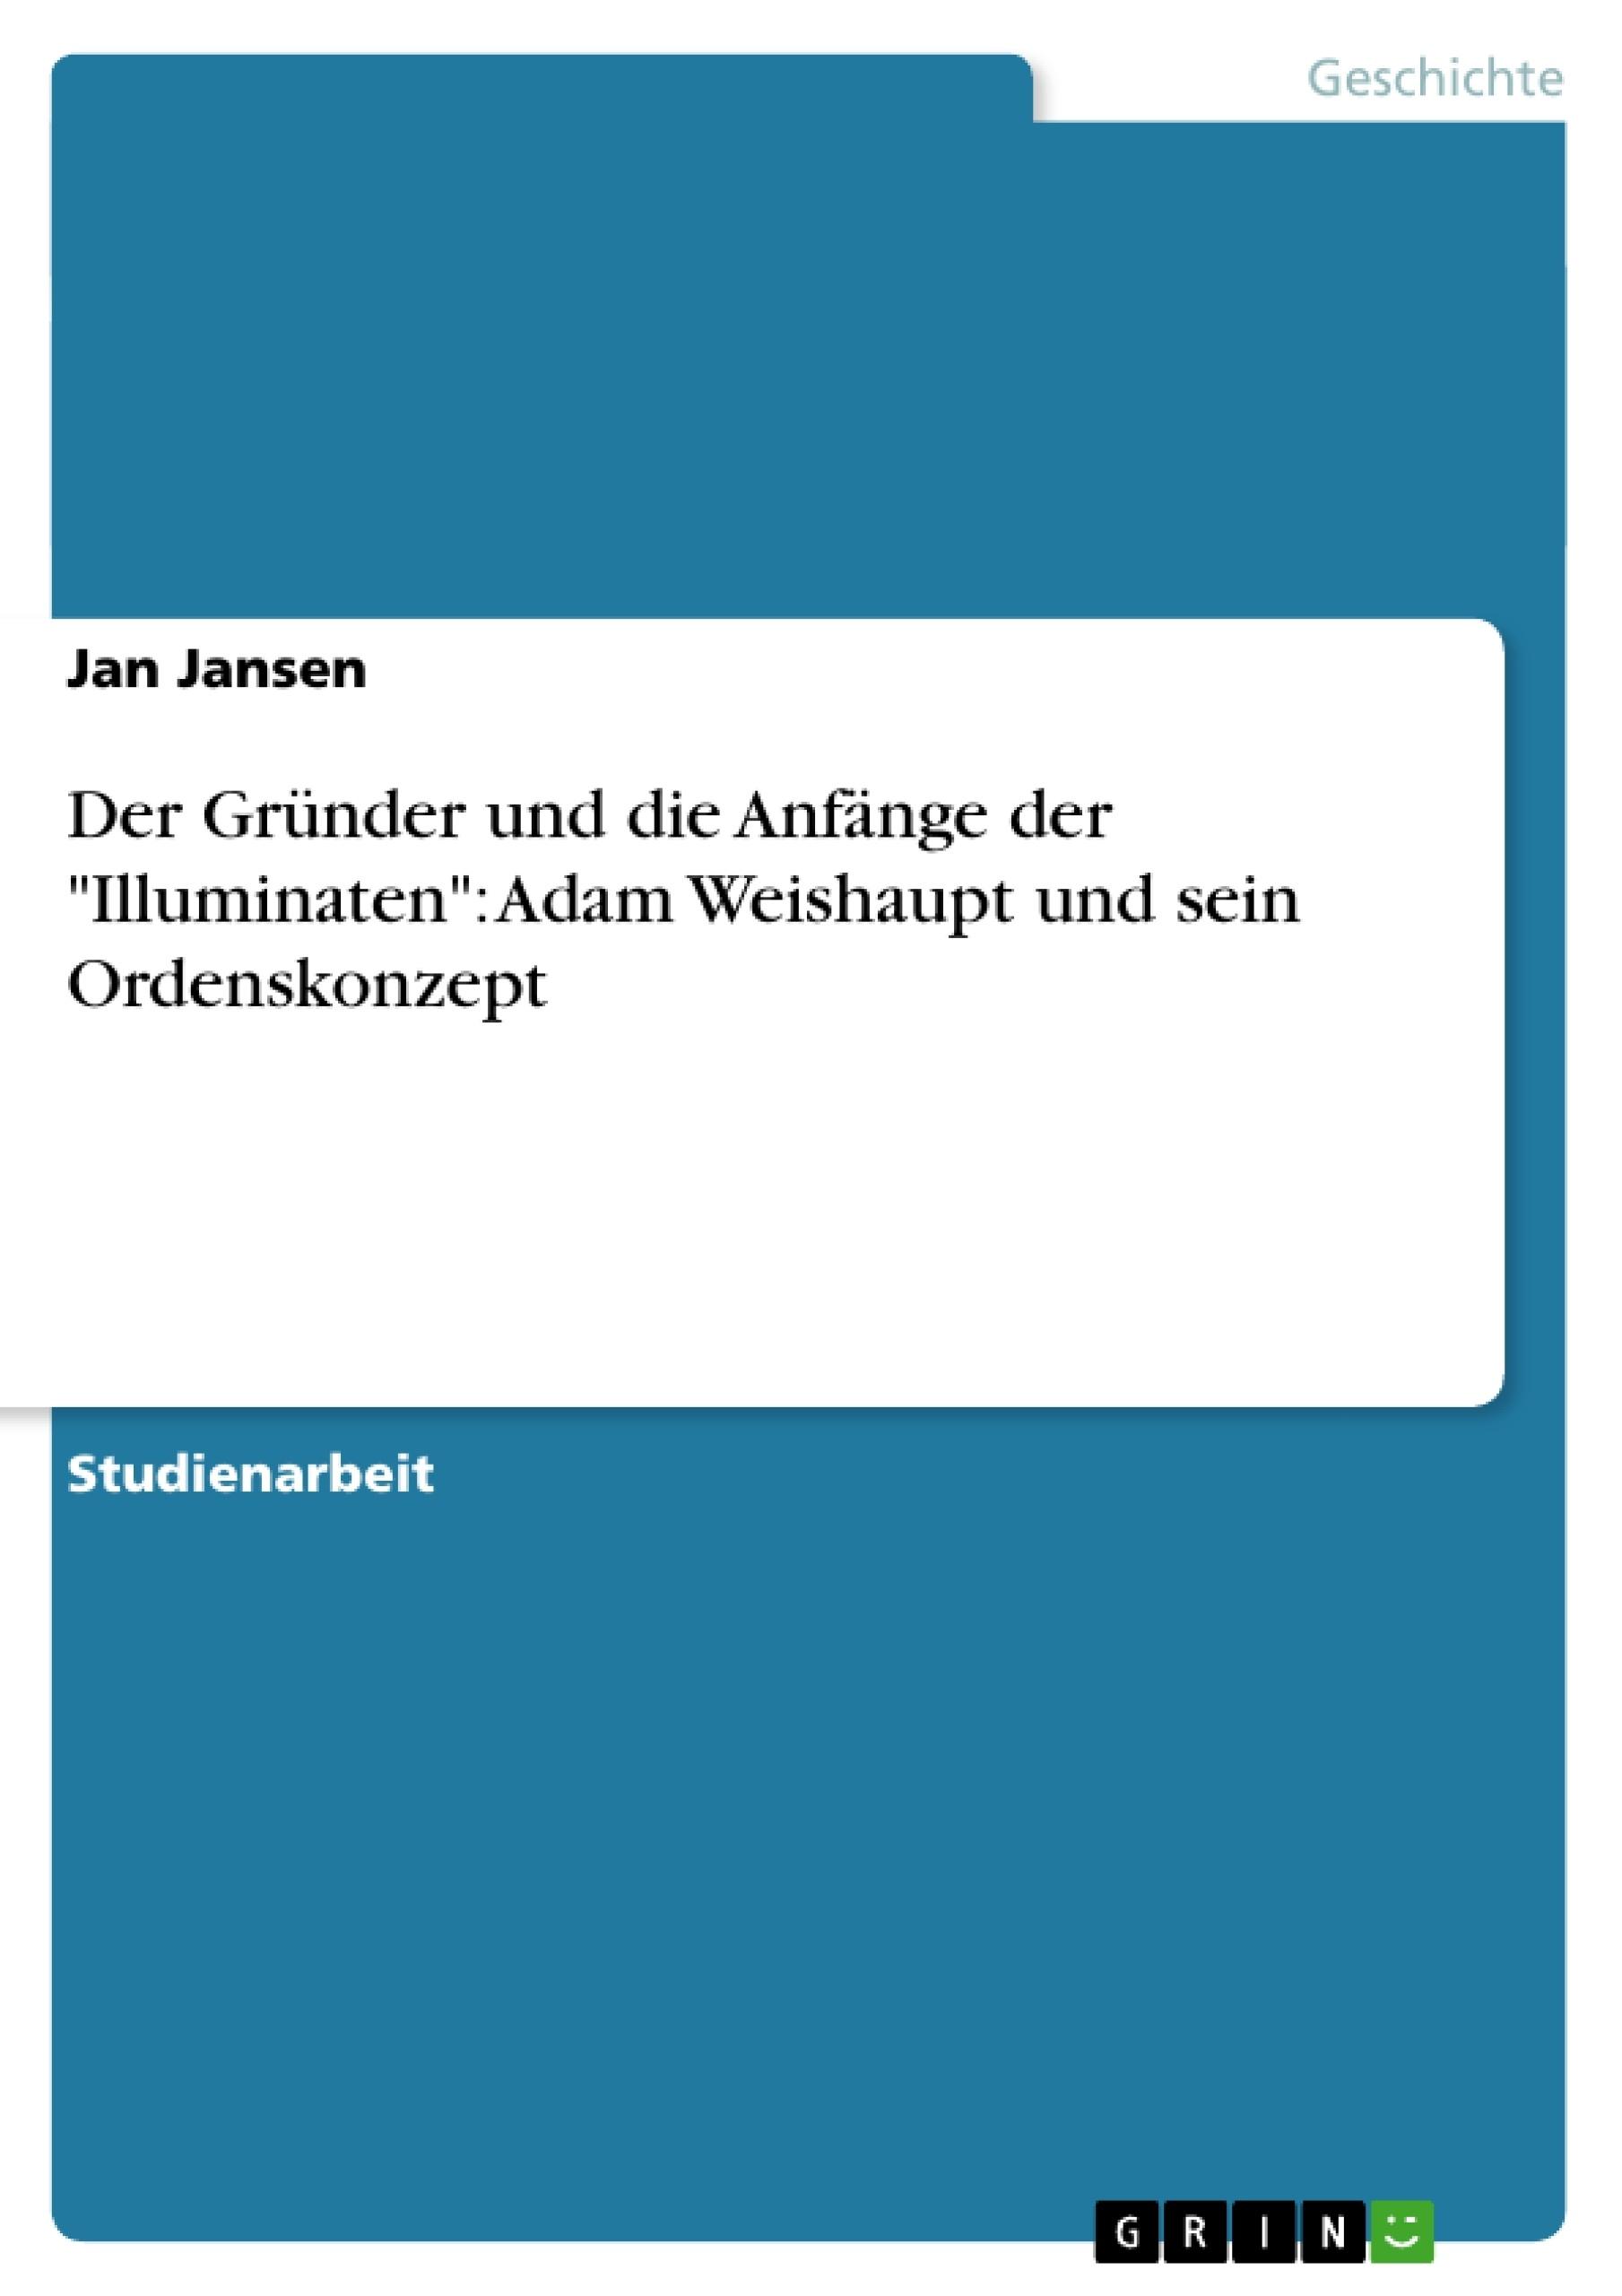 """Titel: Der Gründer und die Anfänge der """"Illuminaten"""": Adam Weishaupt und sein Ordenskonzept"""